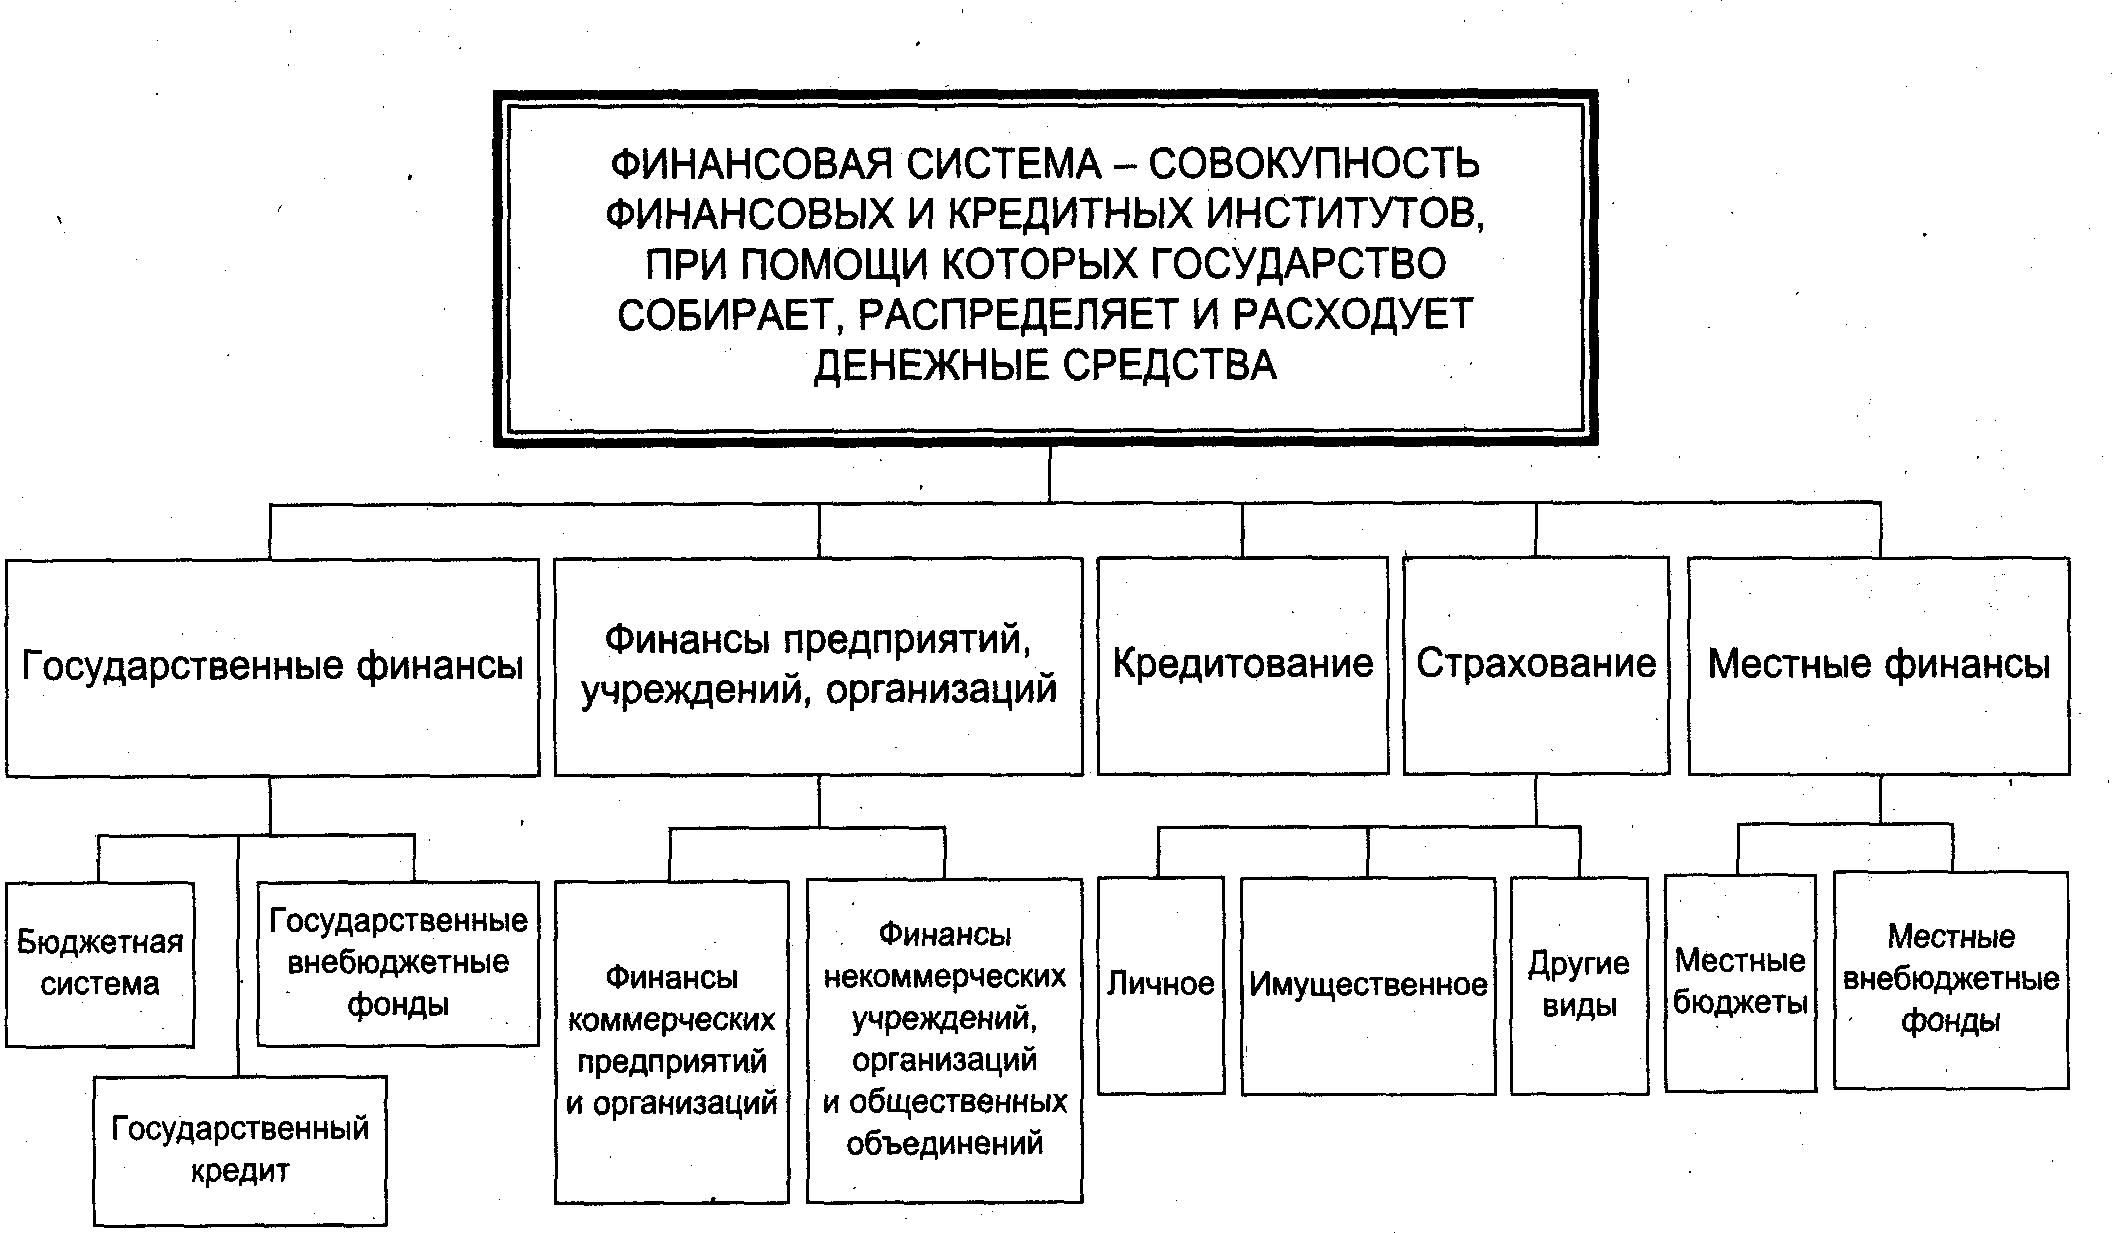 Институциональная Структура Финансовой Системы Страны Шпаргалка